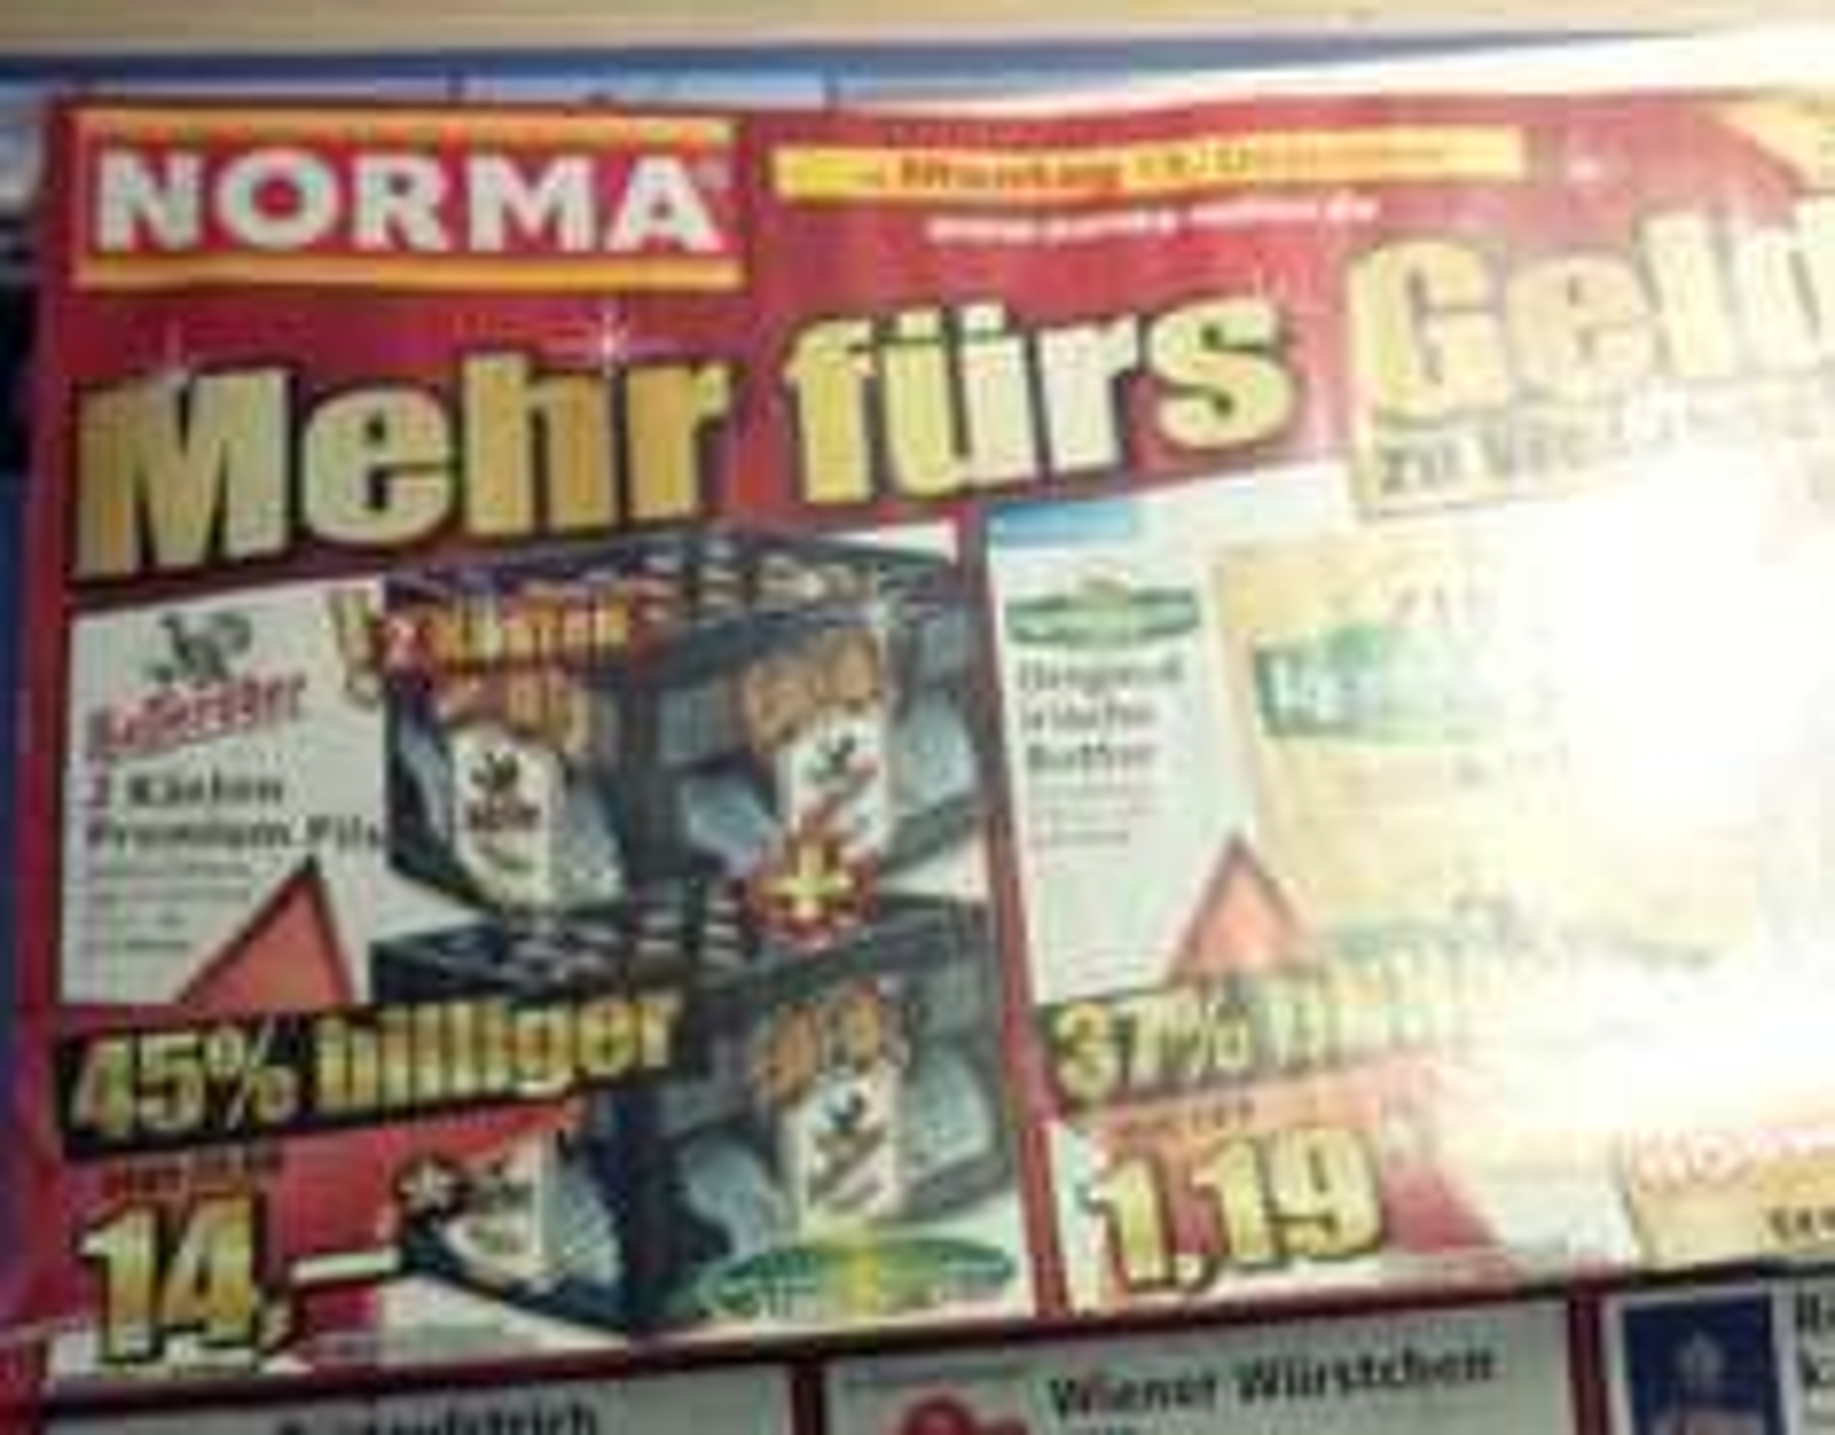 NORMA (offline) 2 Kästen Hasseröder für 14€, also je Kasten nur 7€ BESTPREIS